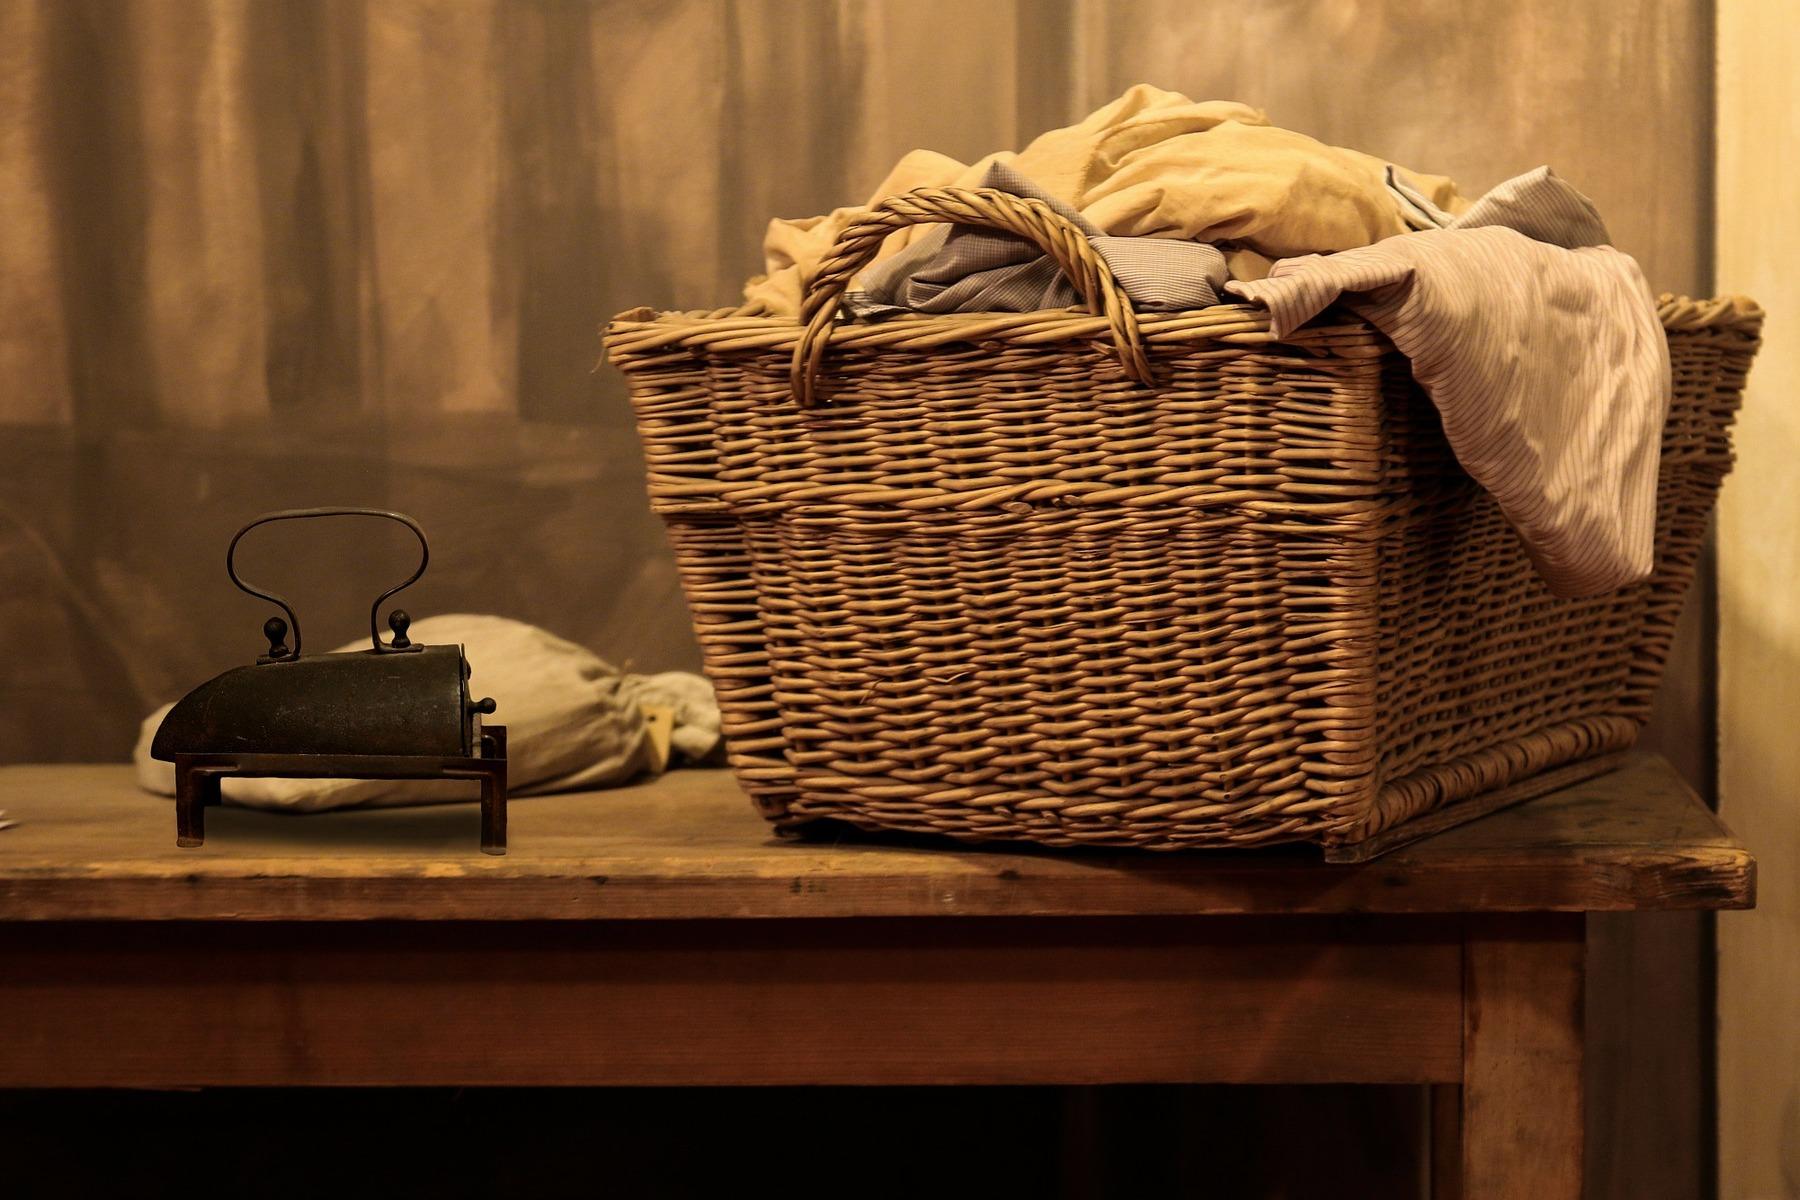 Carolines Ausbildung in Hausarbeit